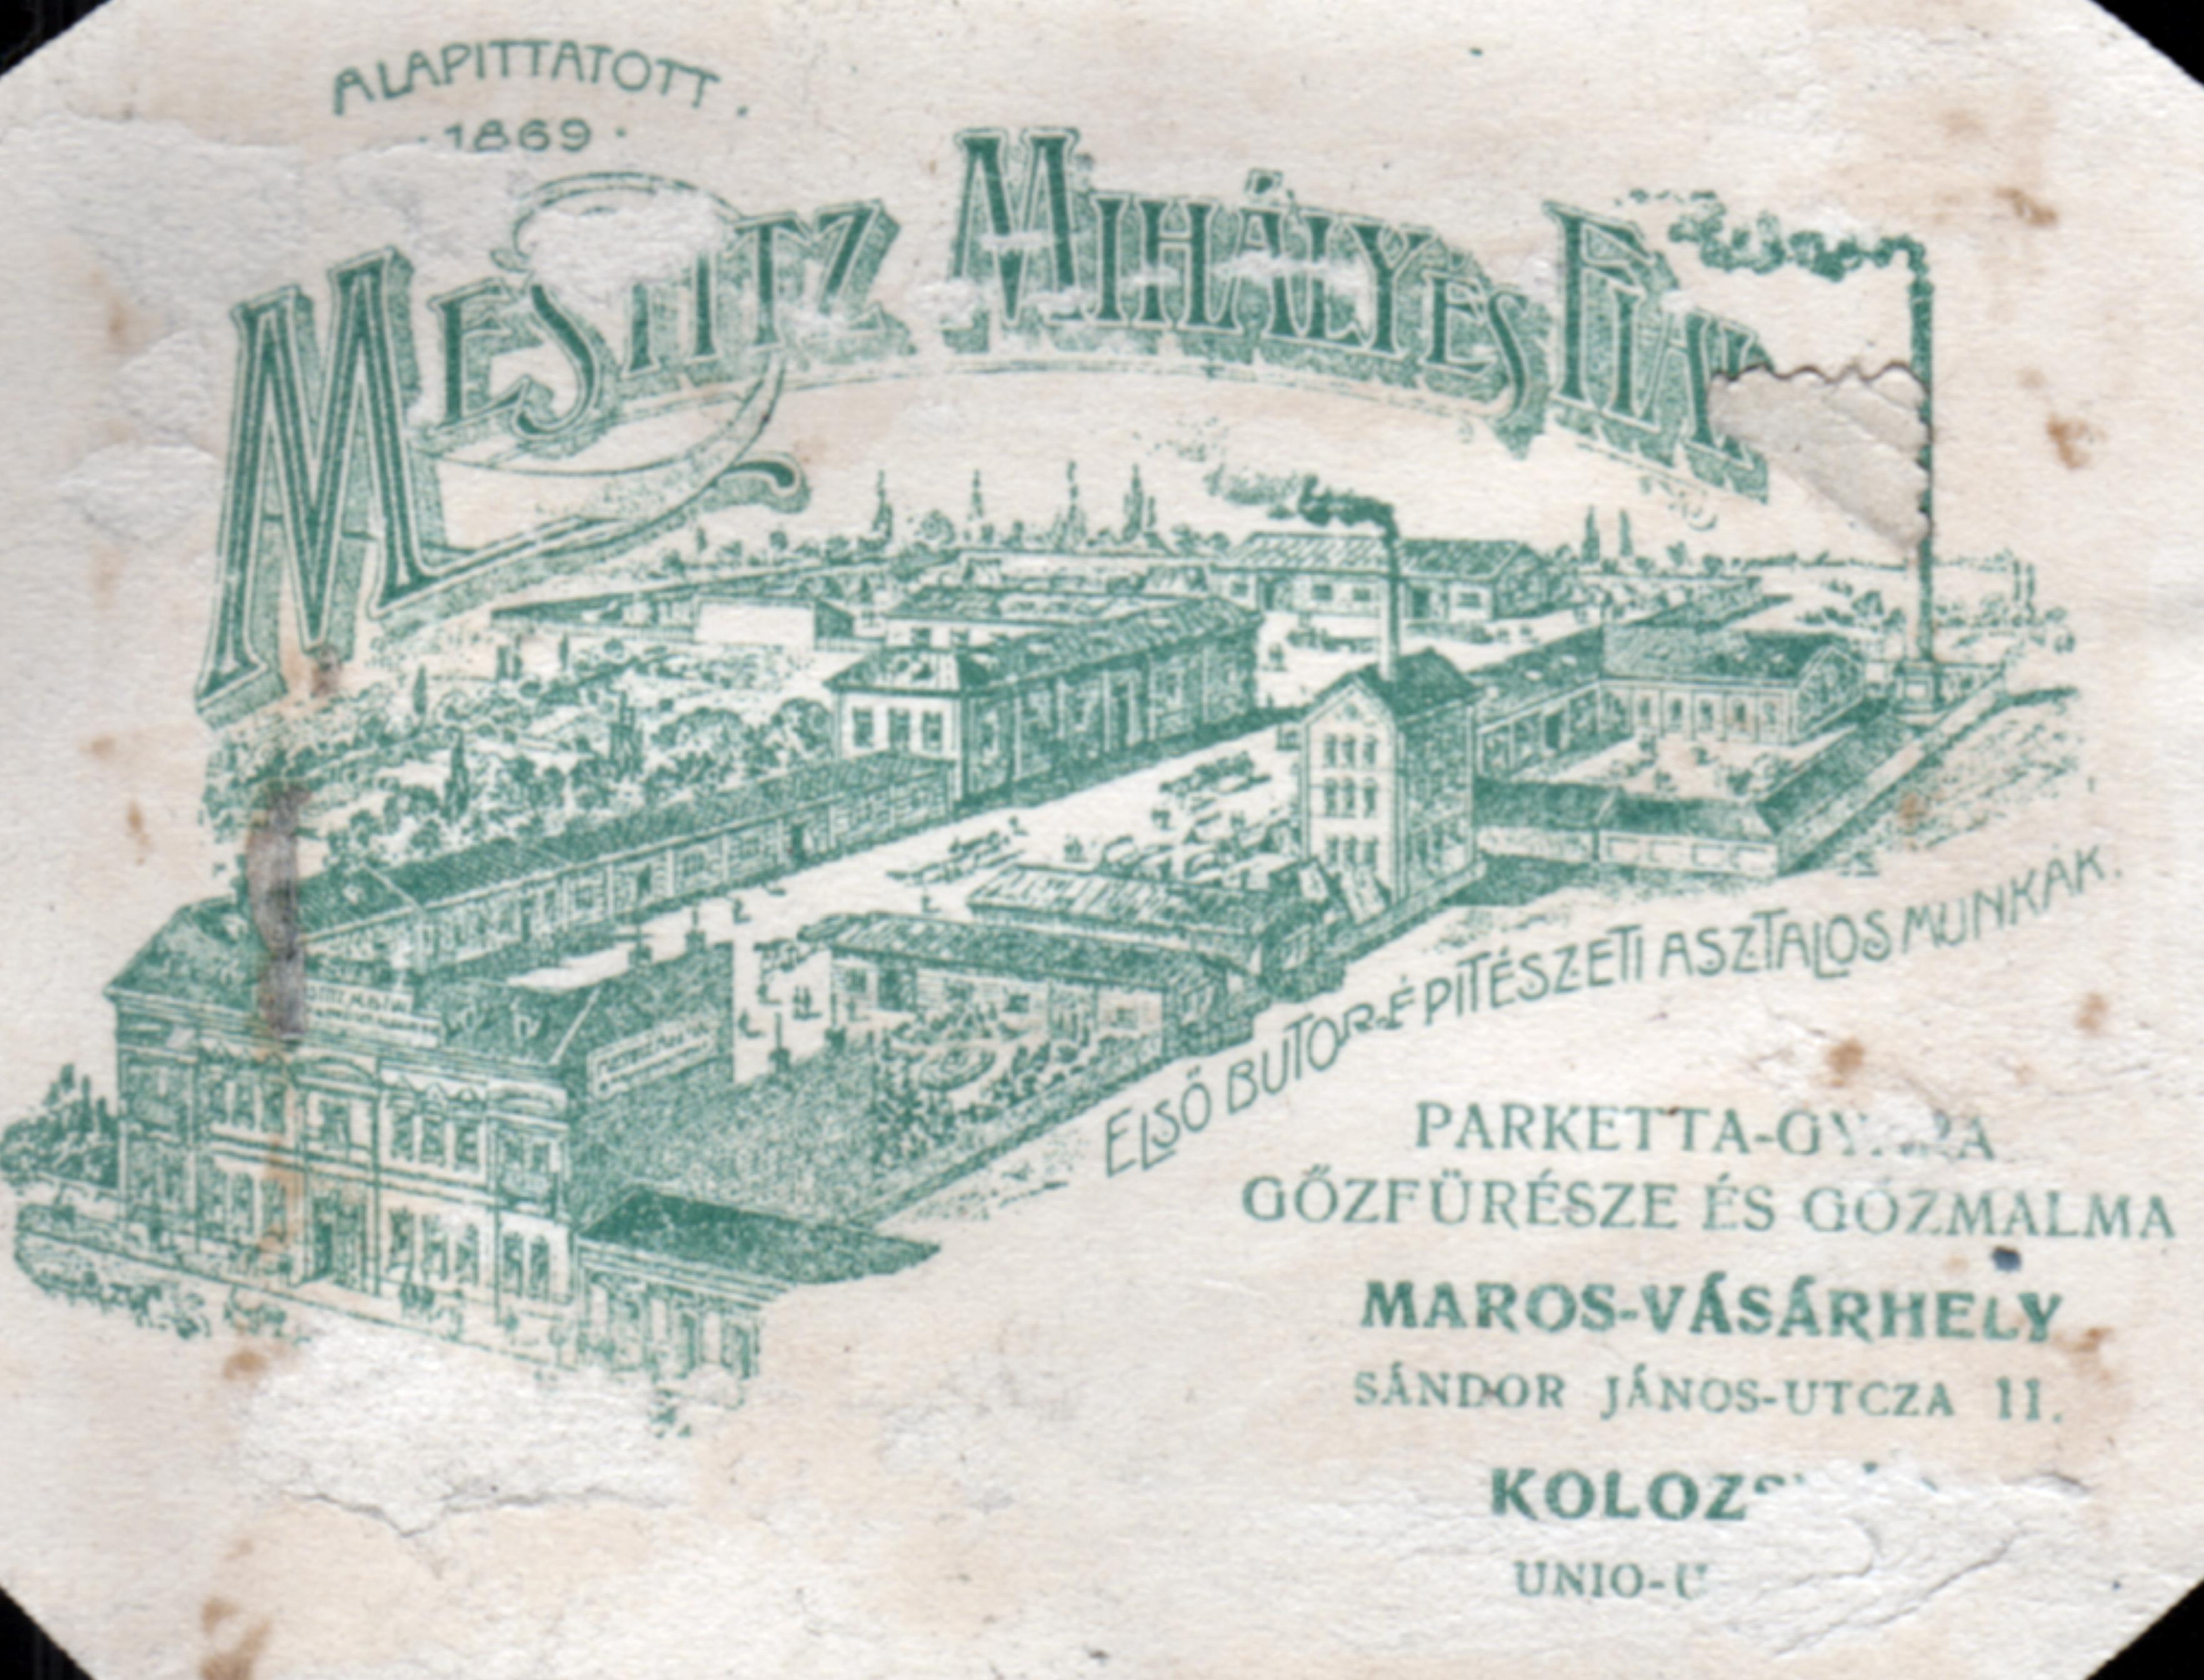 The Mestitz family estate